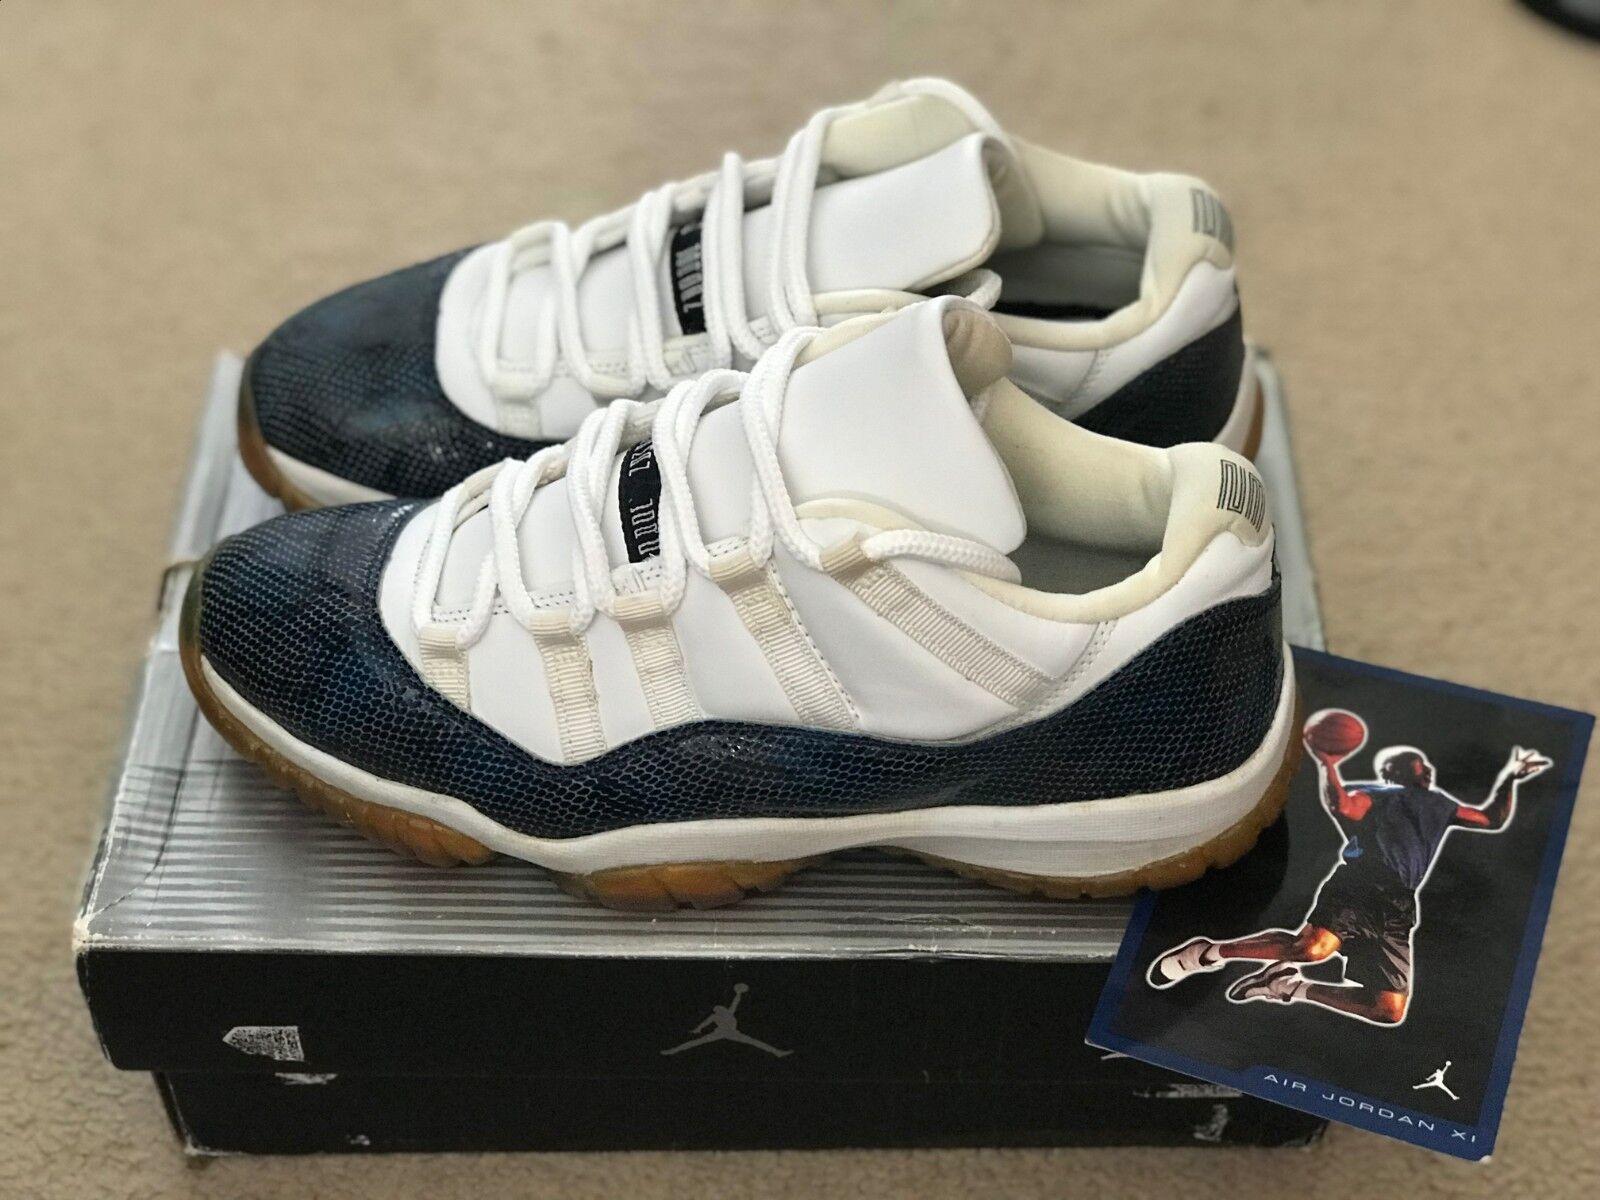 Air Jordan 11 Retro Low Snake 'Snakeskin' 2001 2001 2001 bianca nero navy 136071-102 OG 64bf92